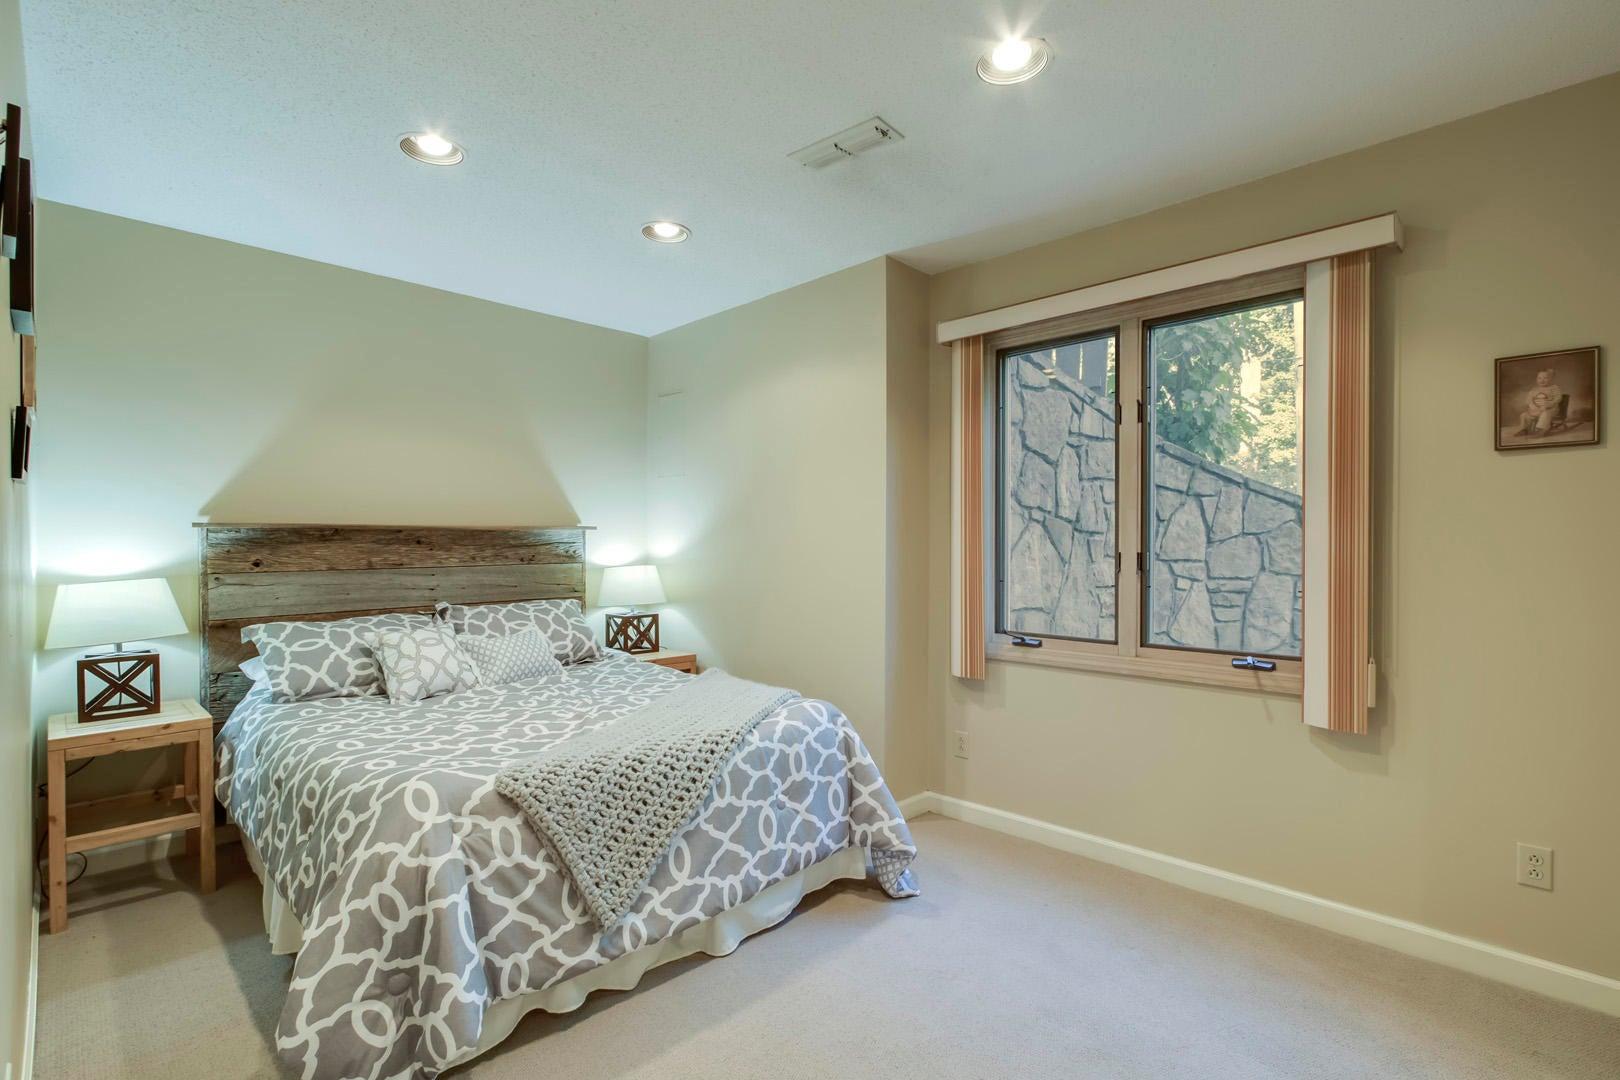 34_OakhurstDriveSW_431_Bedroom4